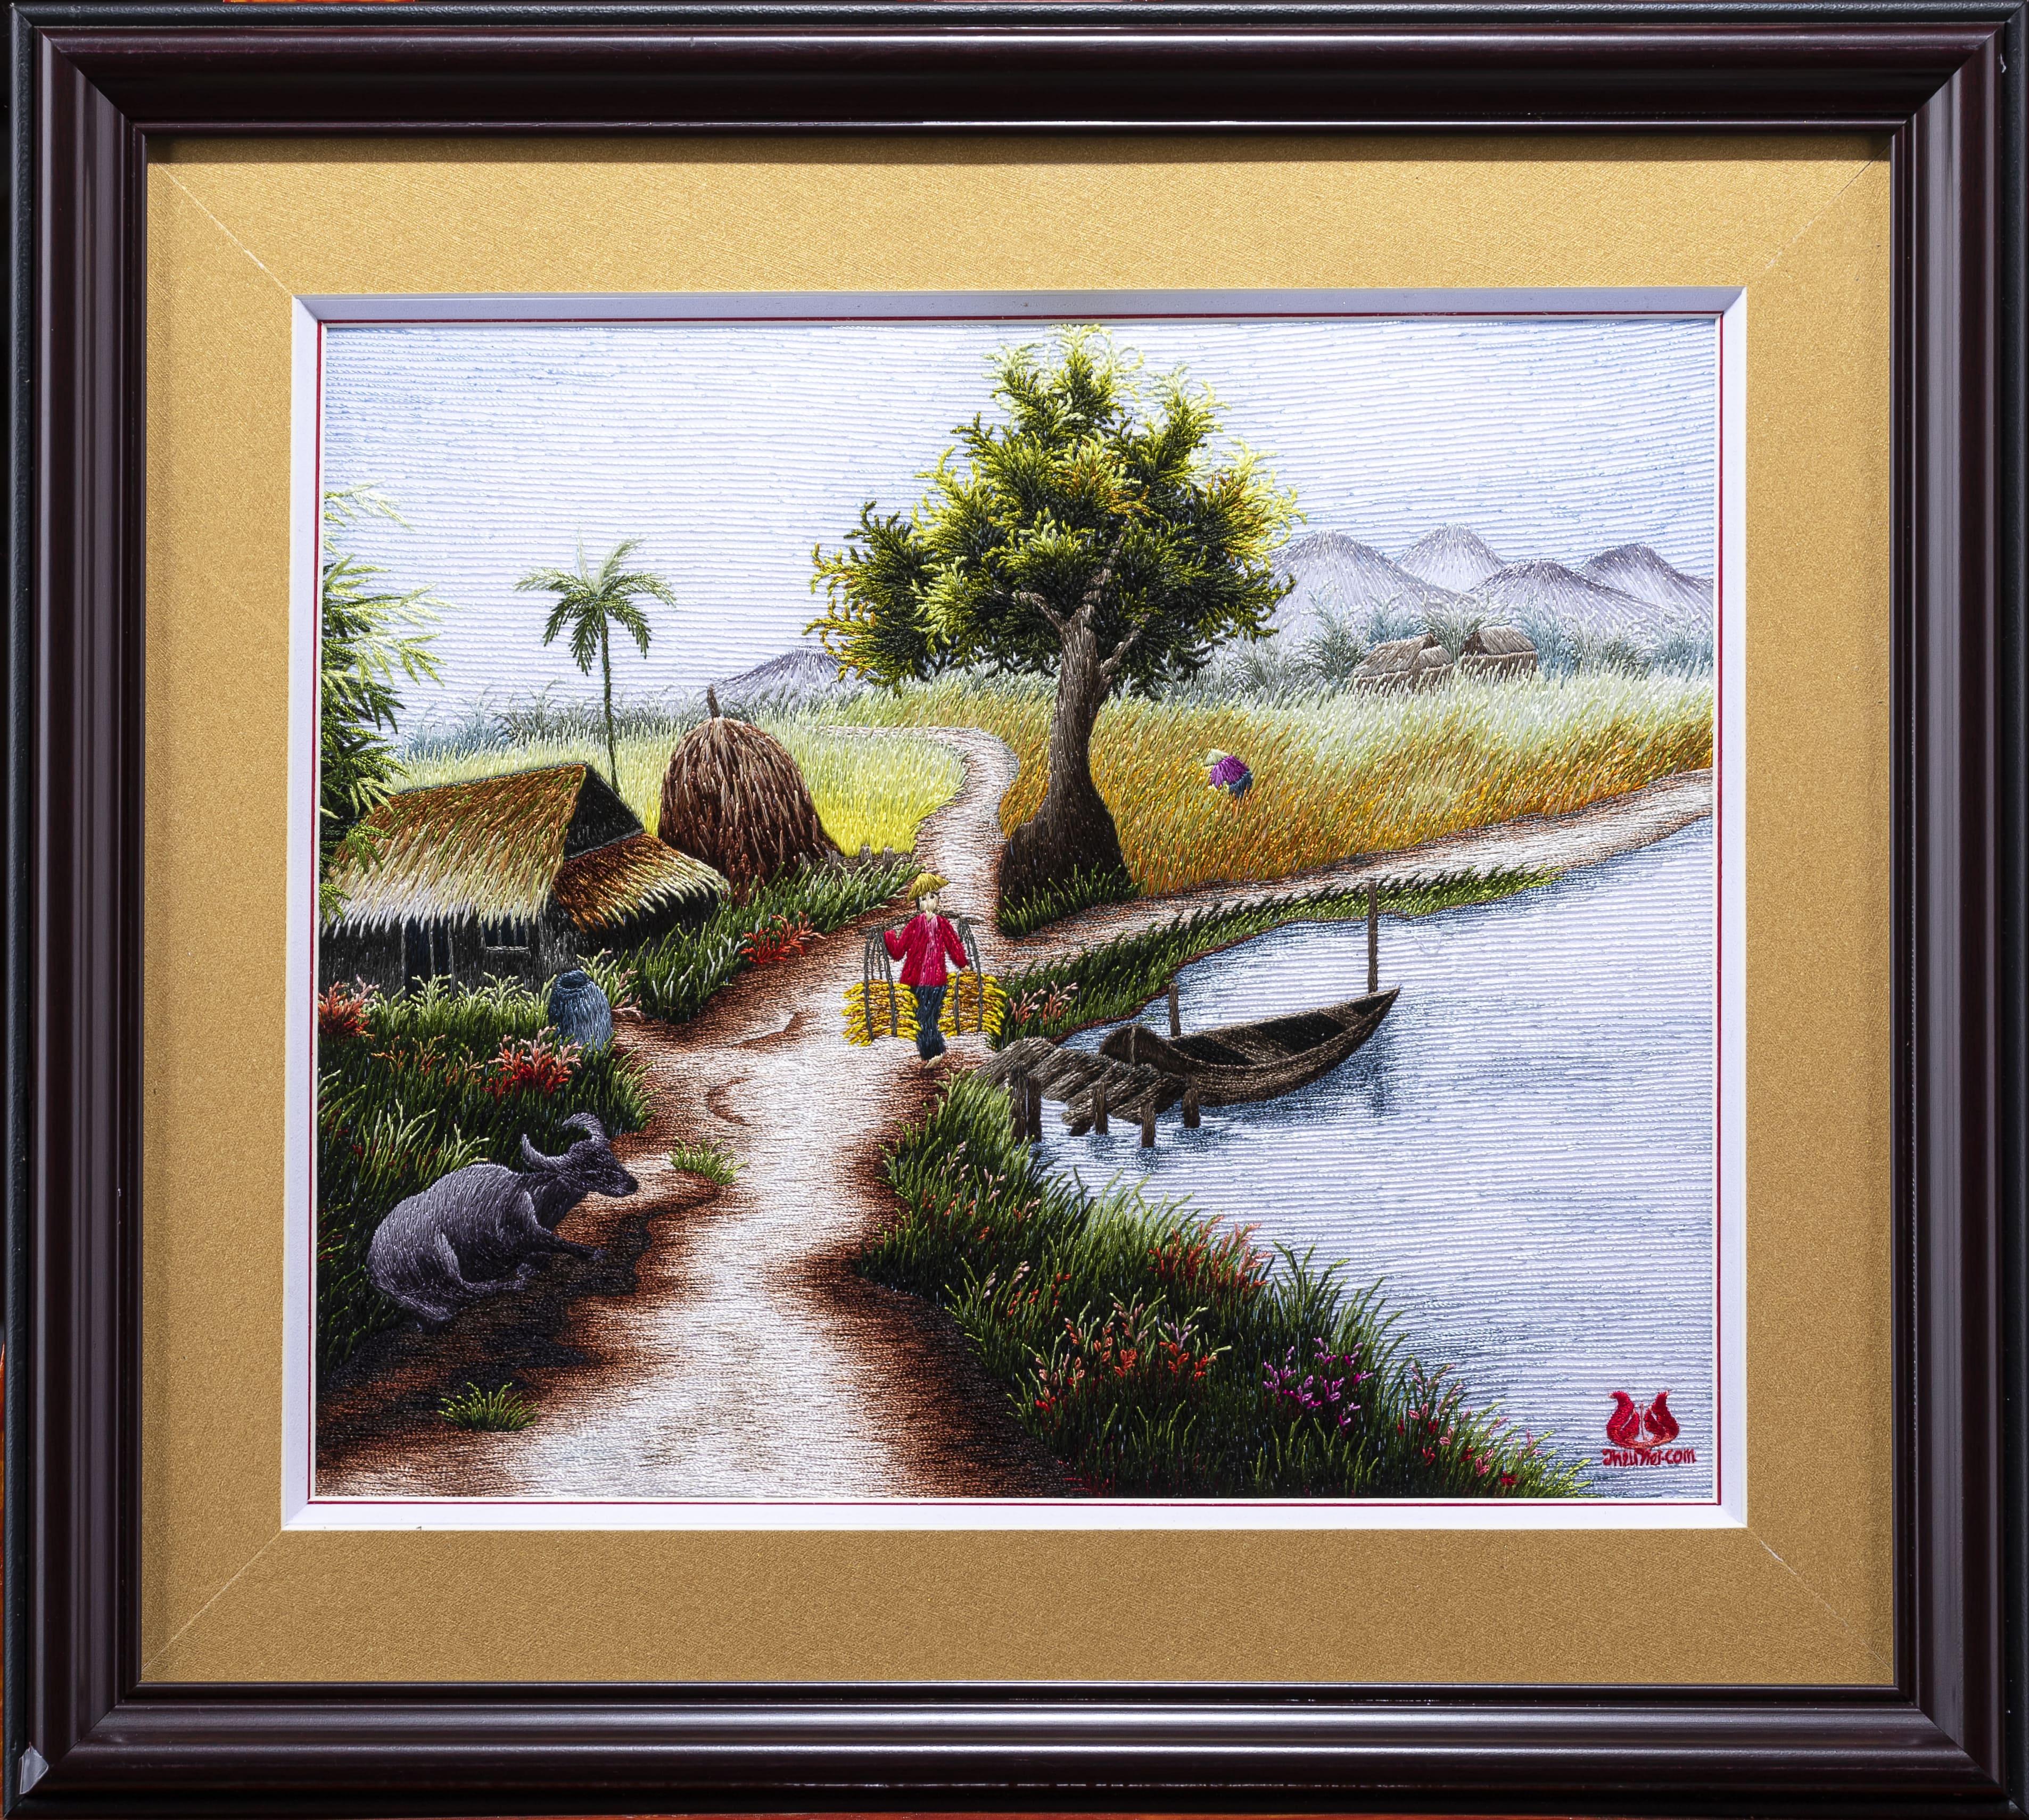 Tranh thêu tay làng quê (MPC0061)